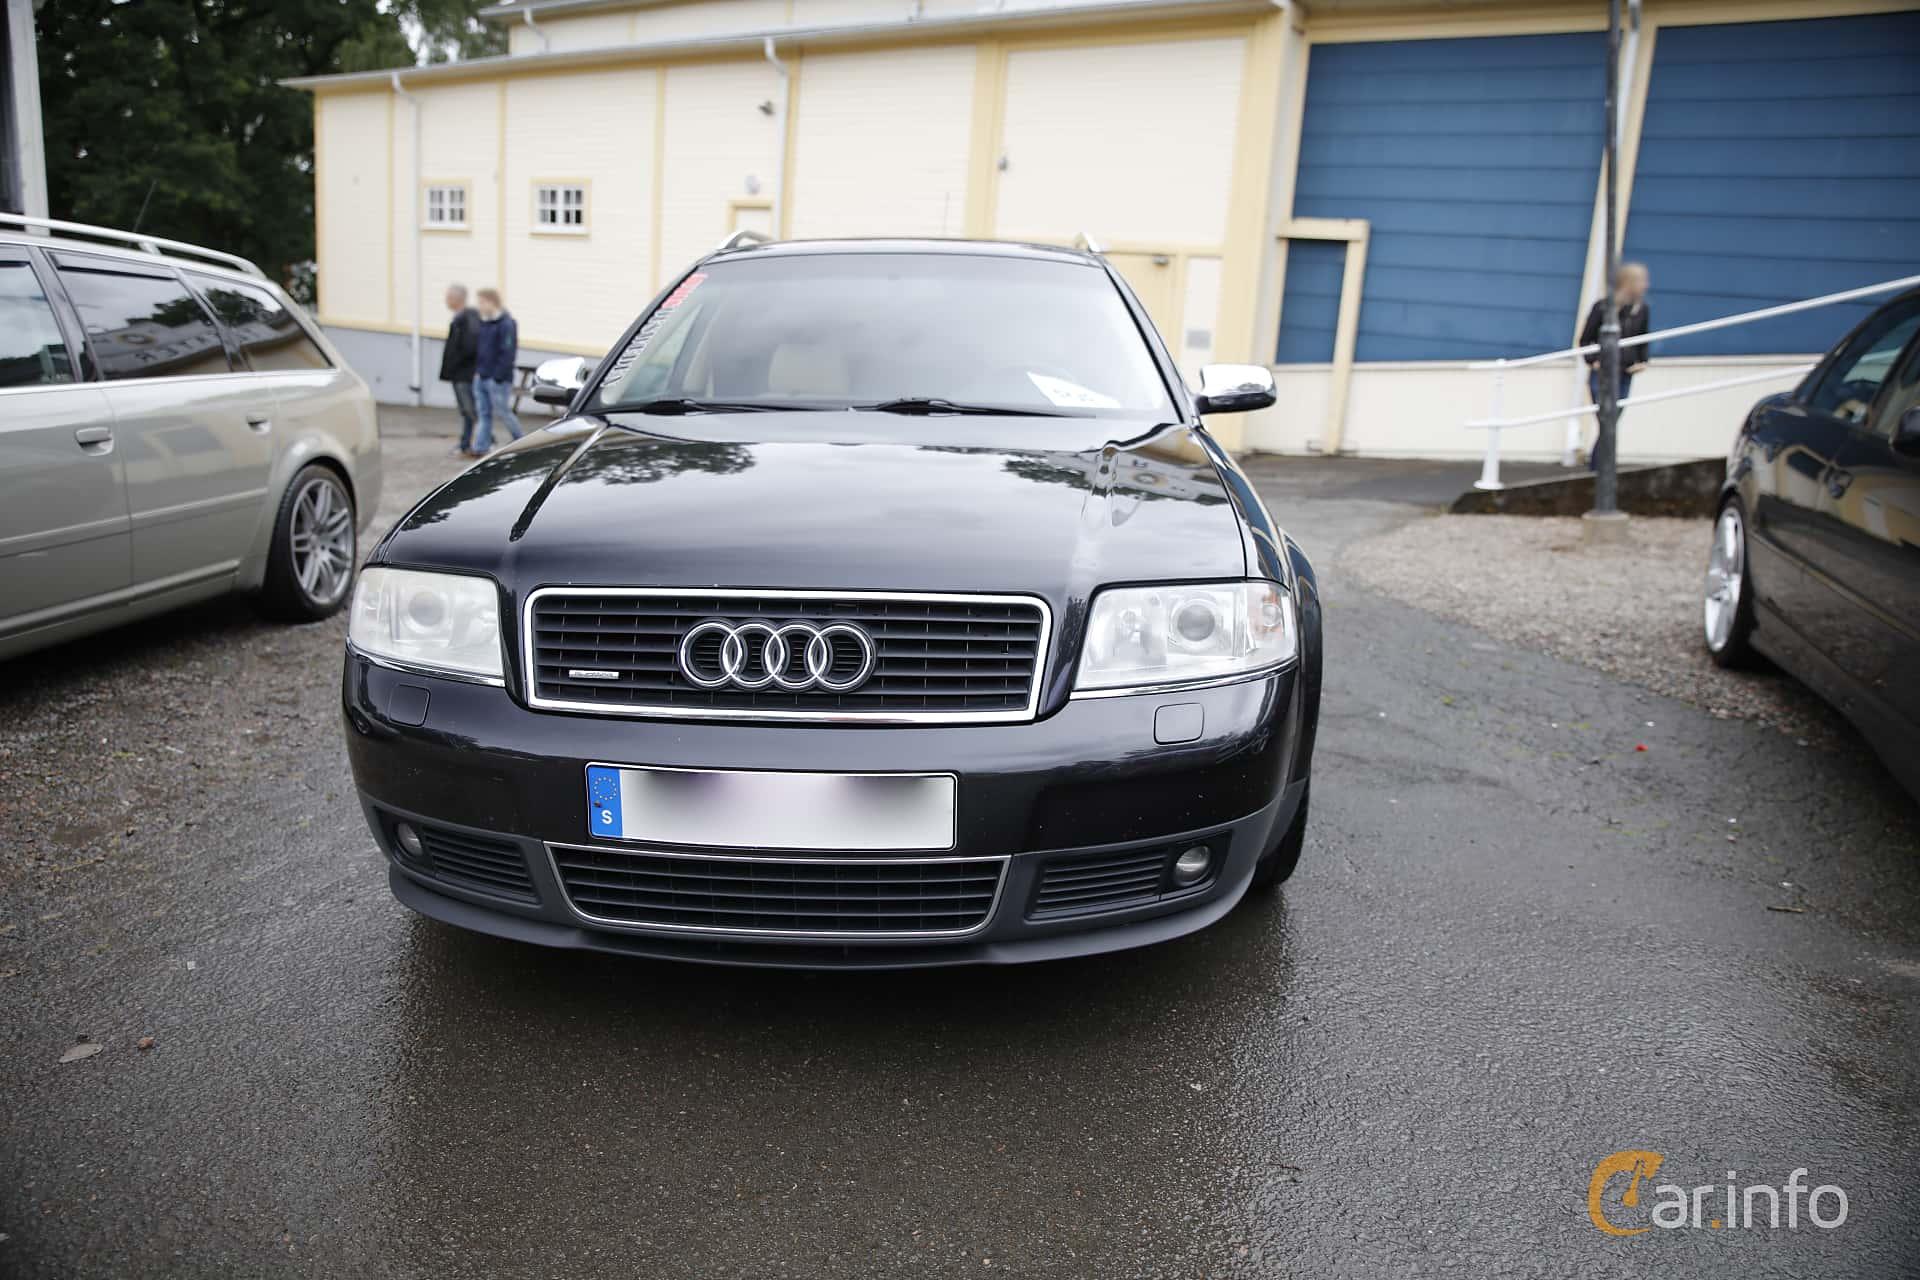 Kelebihan Audi A6 4.2 V8 Perbandingan Harga